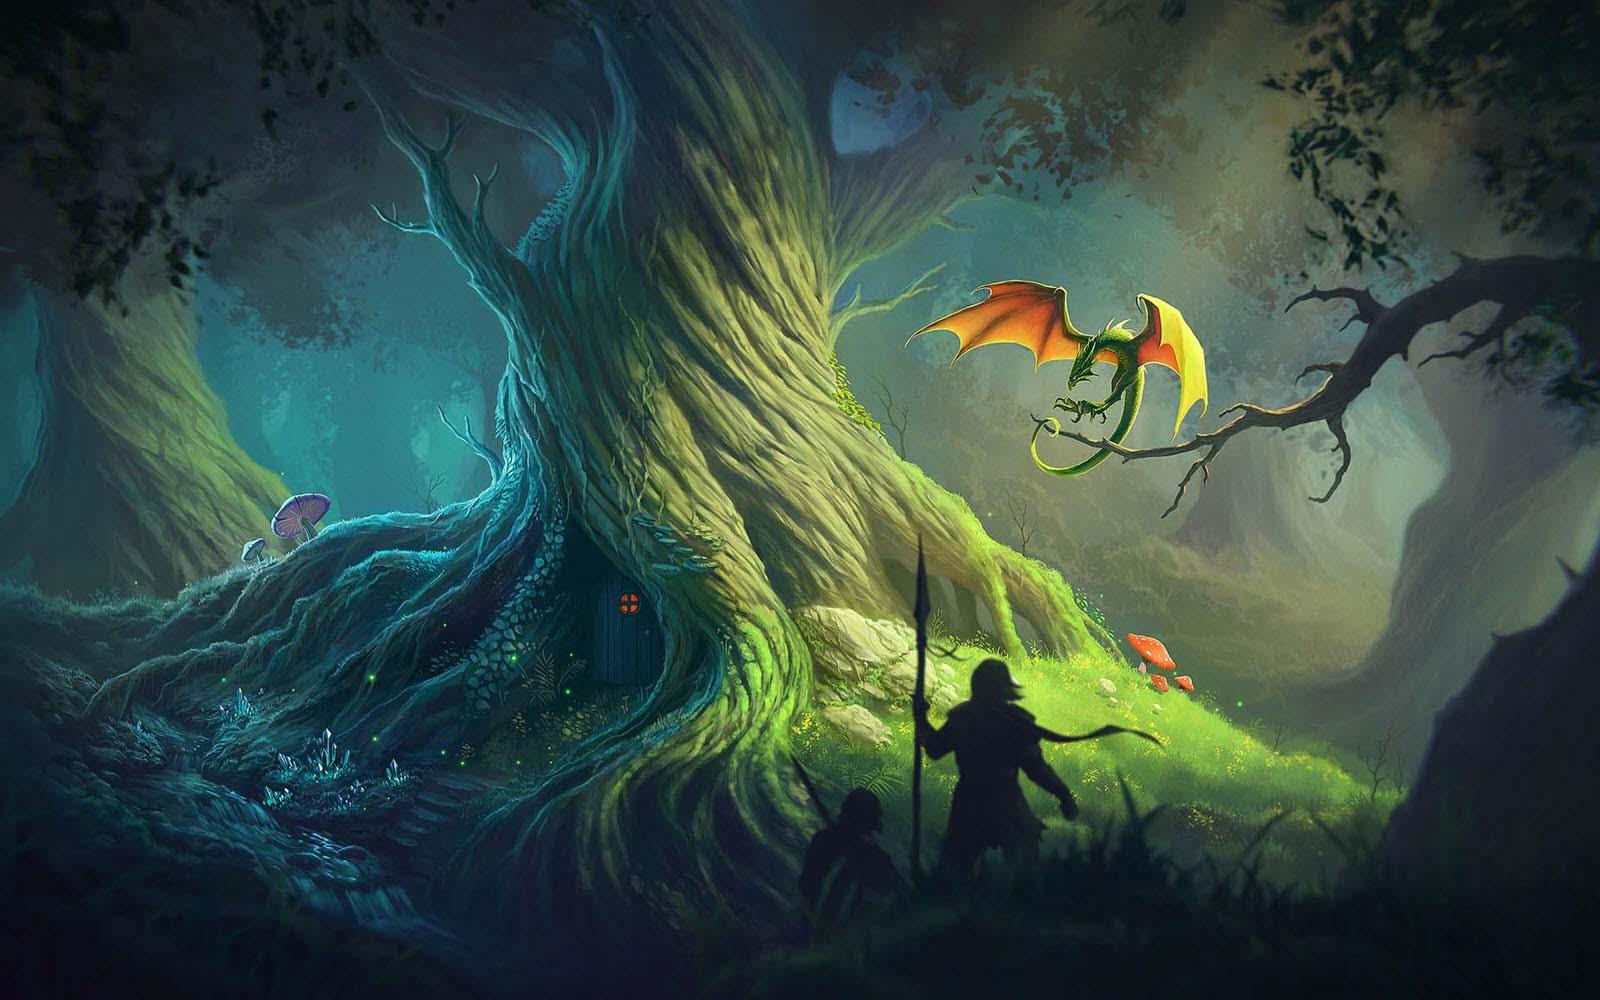 Ảnh anime phong cảnh đẹp trong rừng